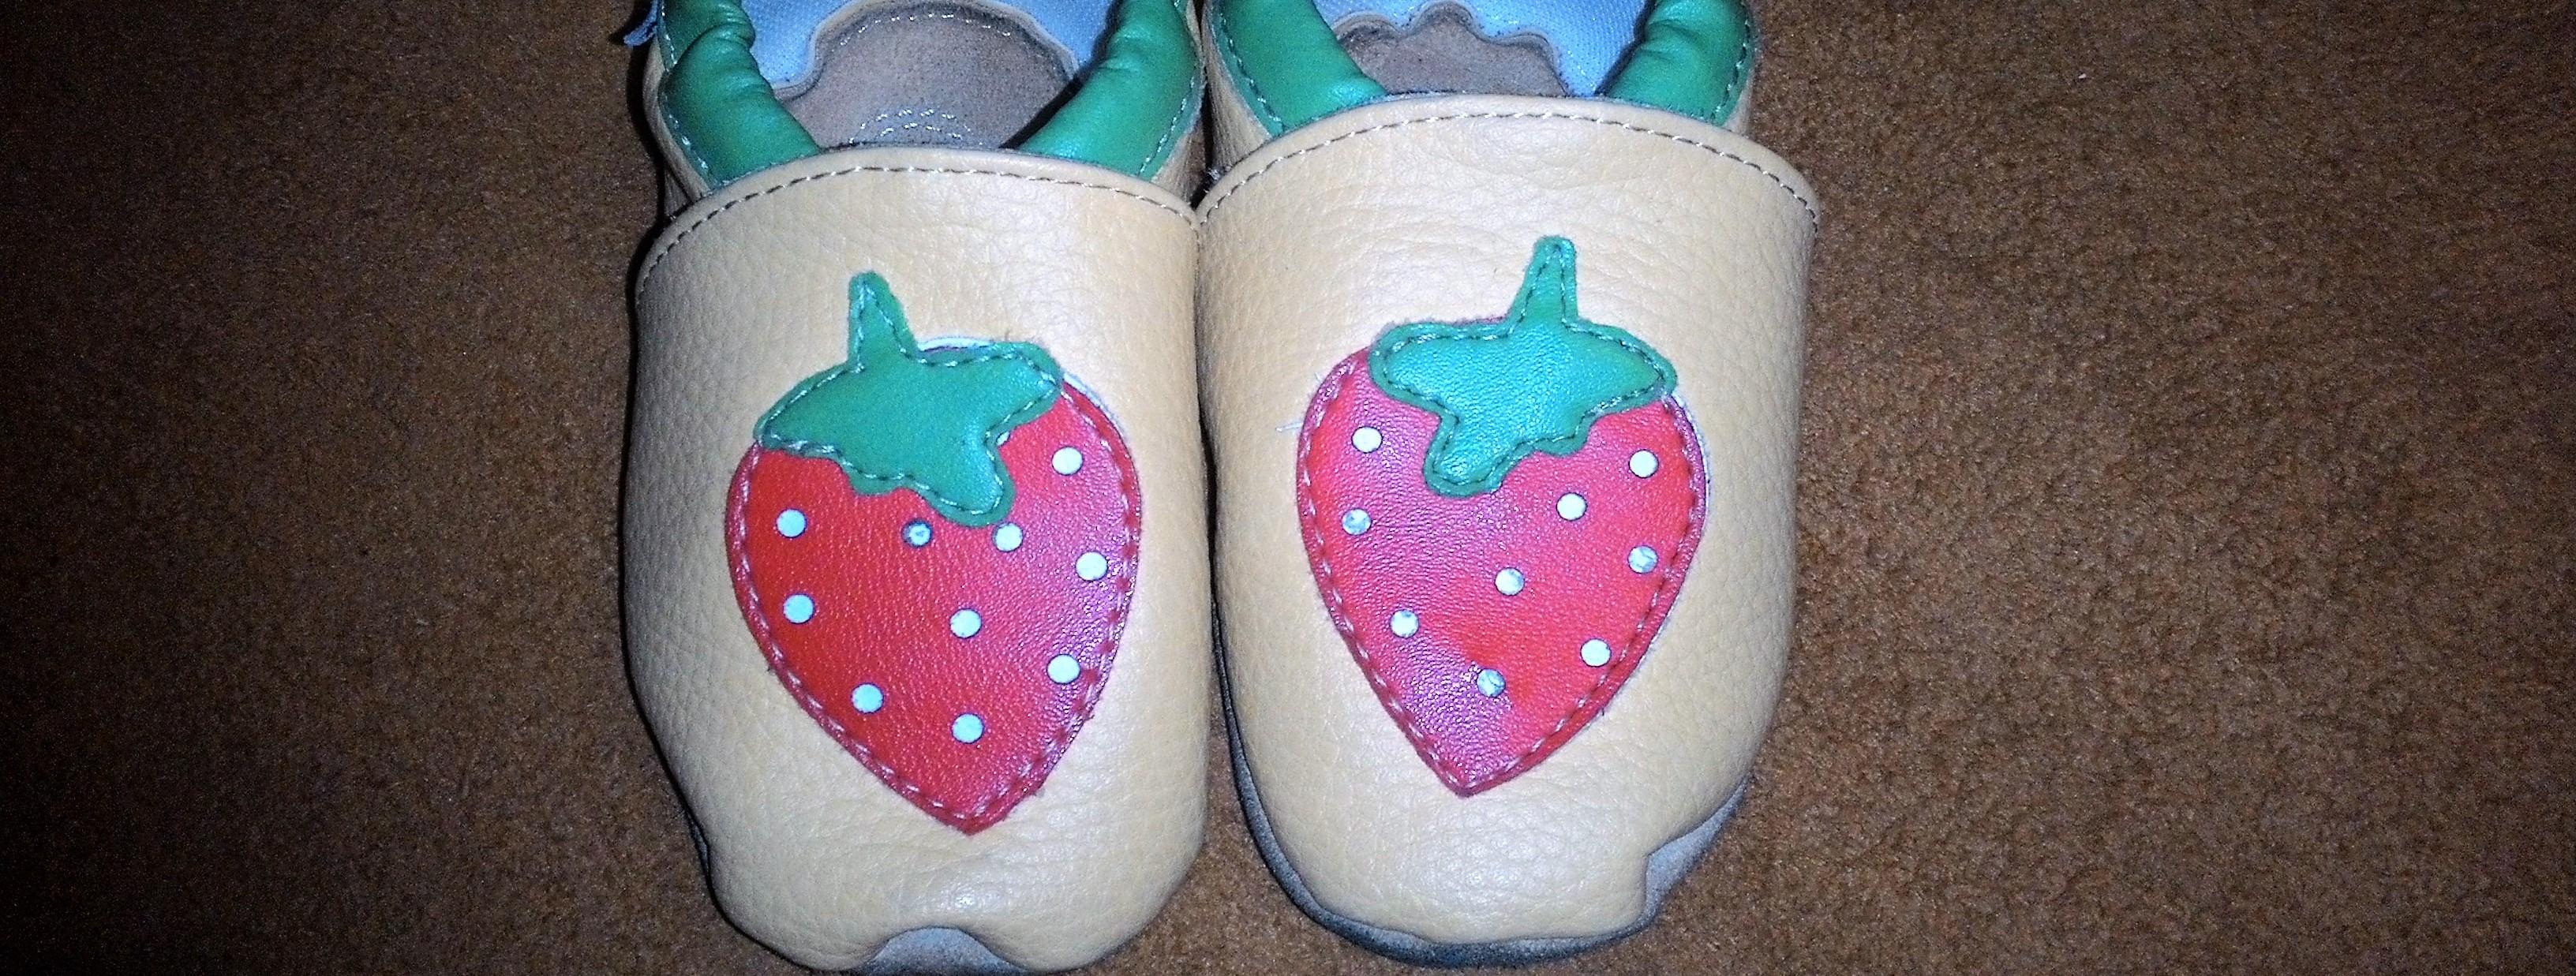 Dreptulki – czyli co ma na nogach dziecko, gdy nie chodzi boso?